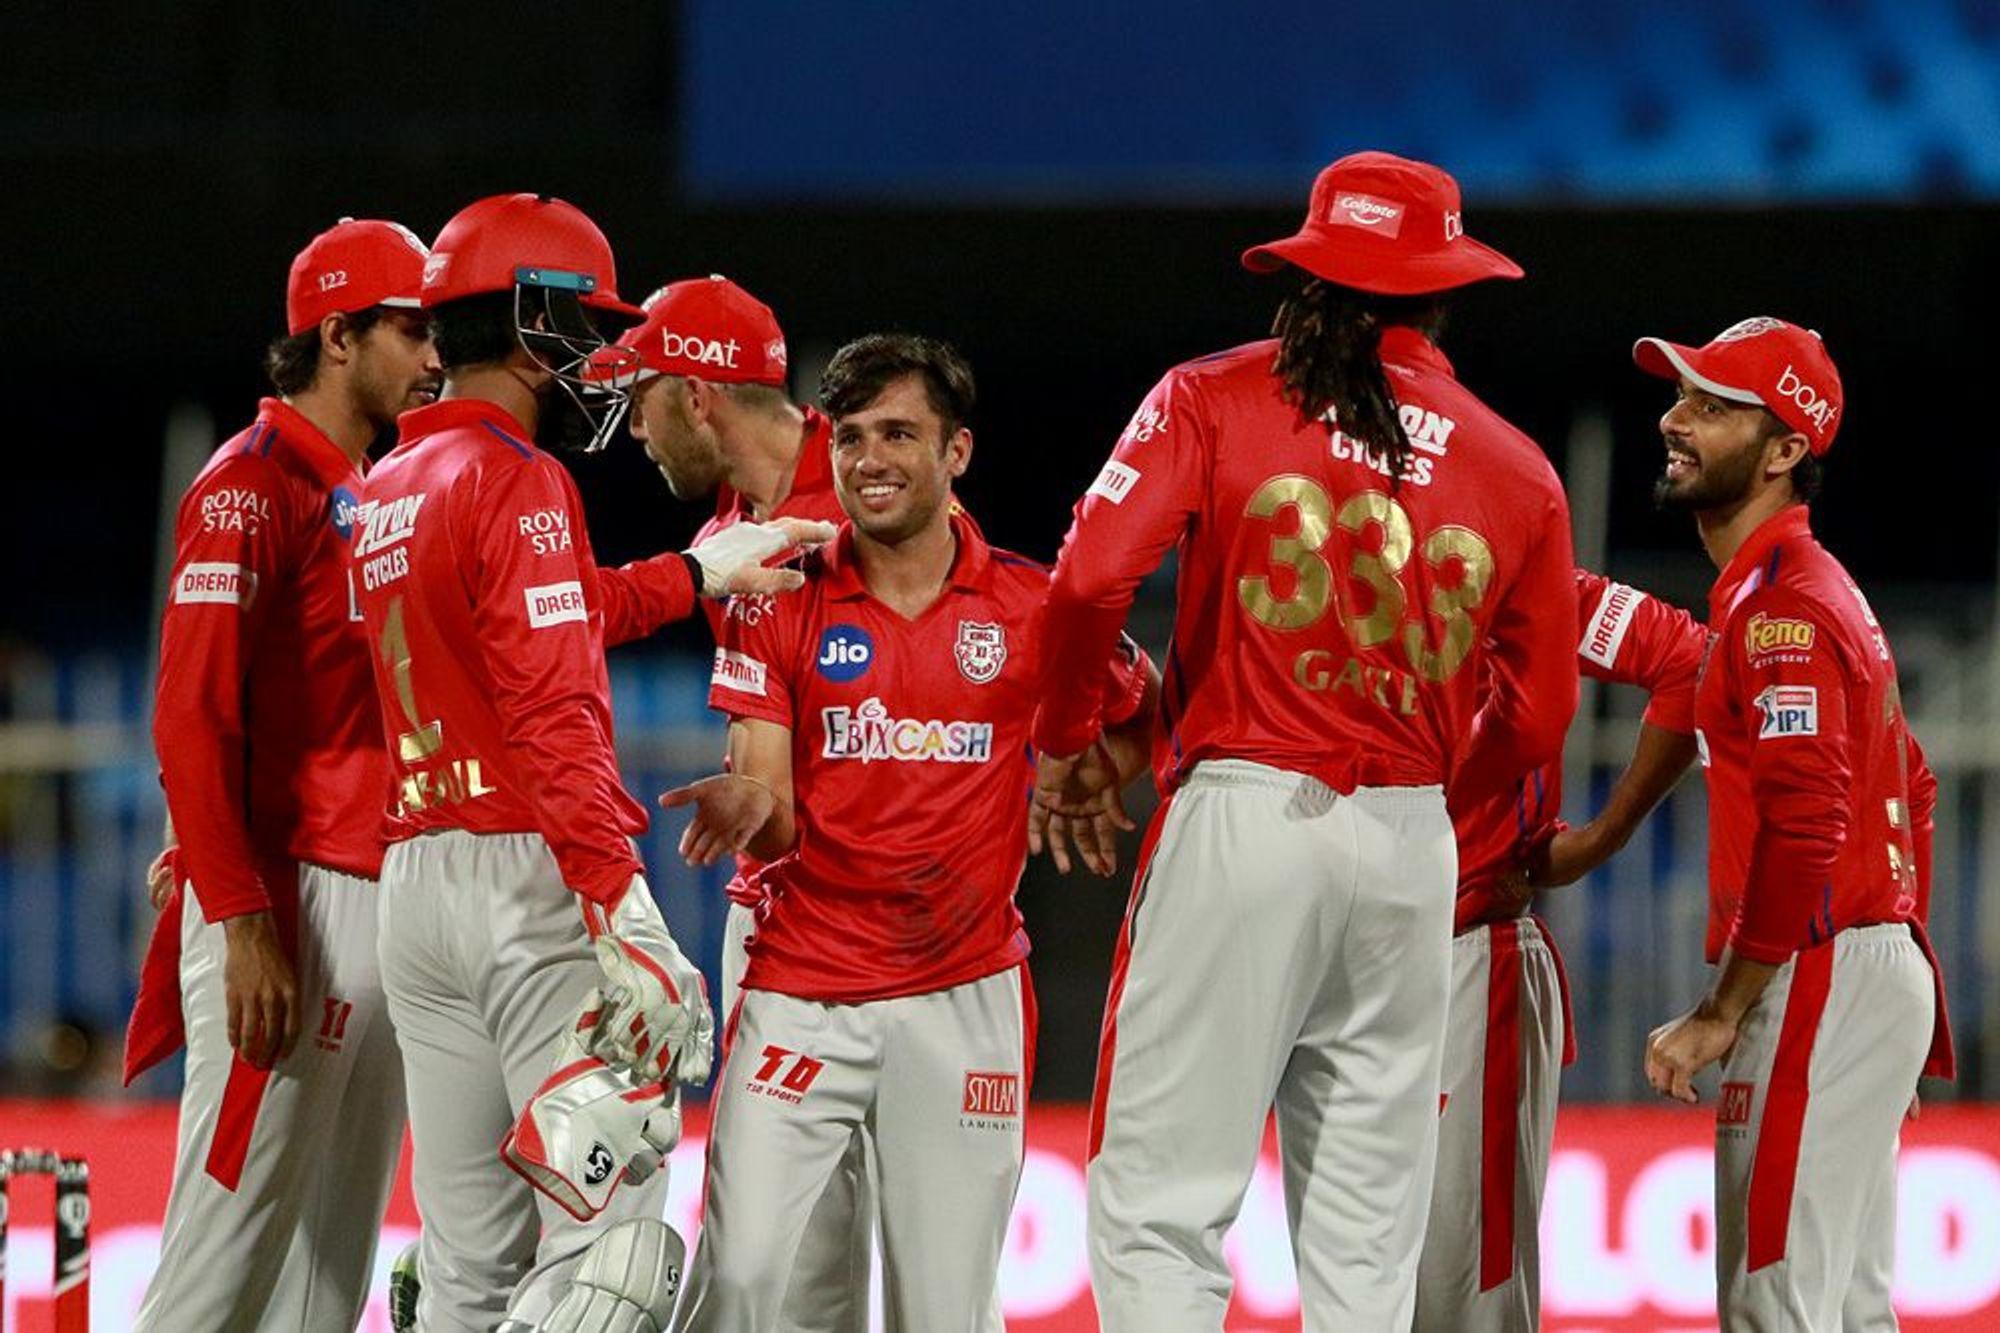 KKRvsKXIP: केएल राहुल ने क्रिस गेल नहीं बल्कि इस खिलाड़ी को दिया कोलकाता के खिलाफ जीत का श्रेय 5